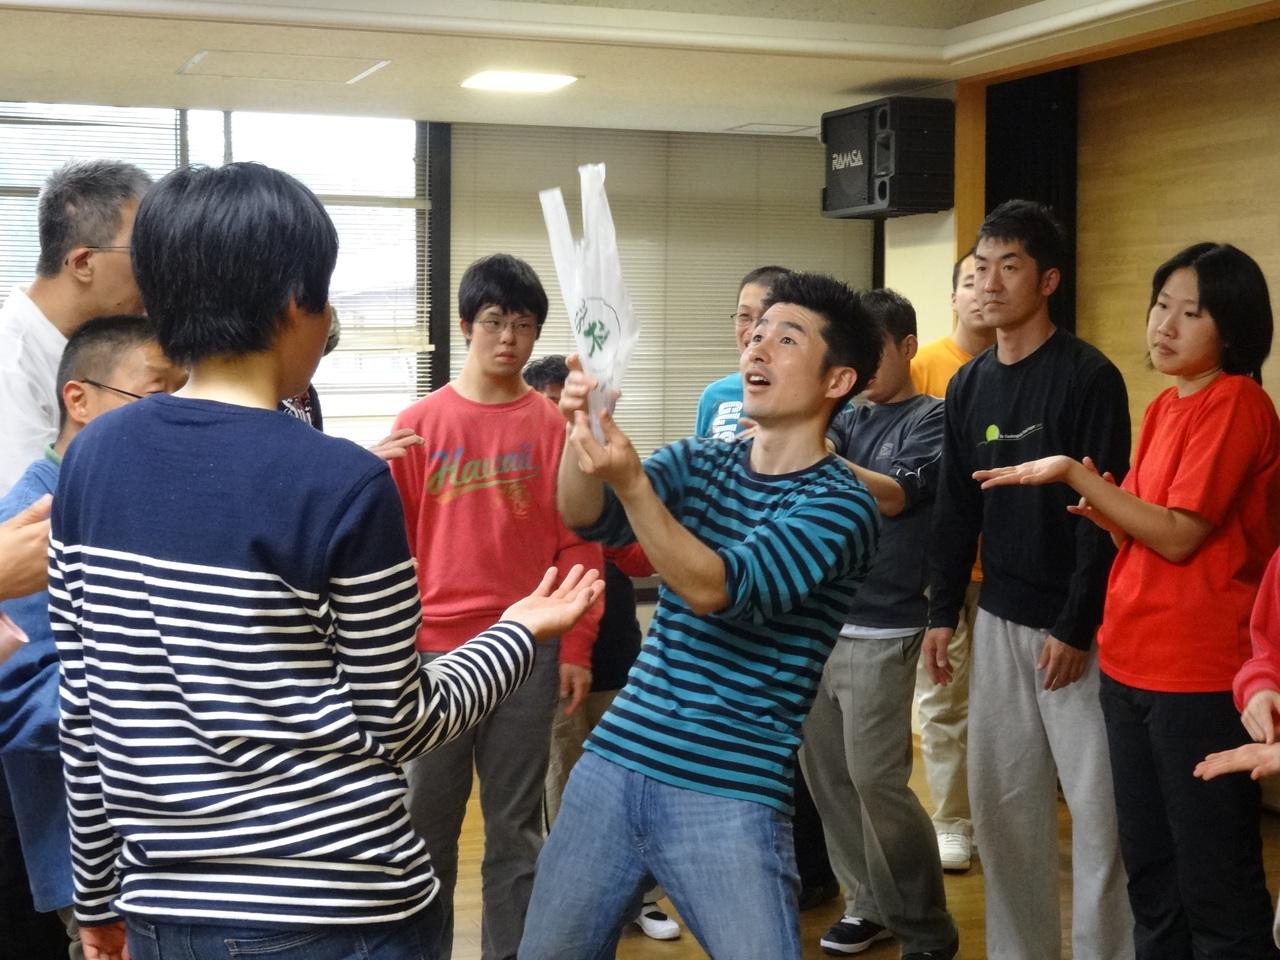 olympiad-culture-6-keisuke-kanei.jpg